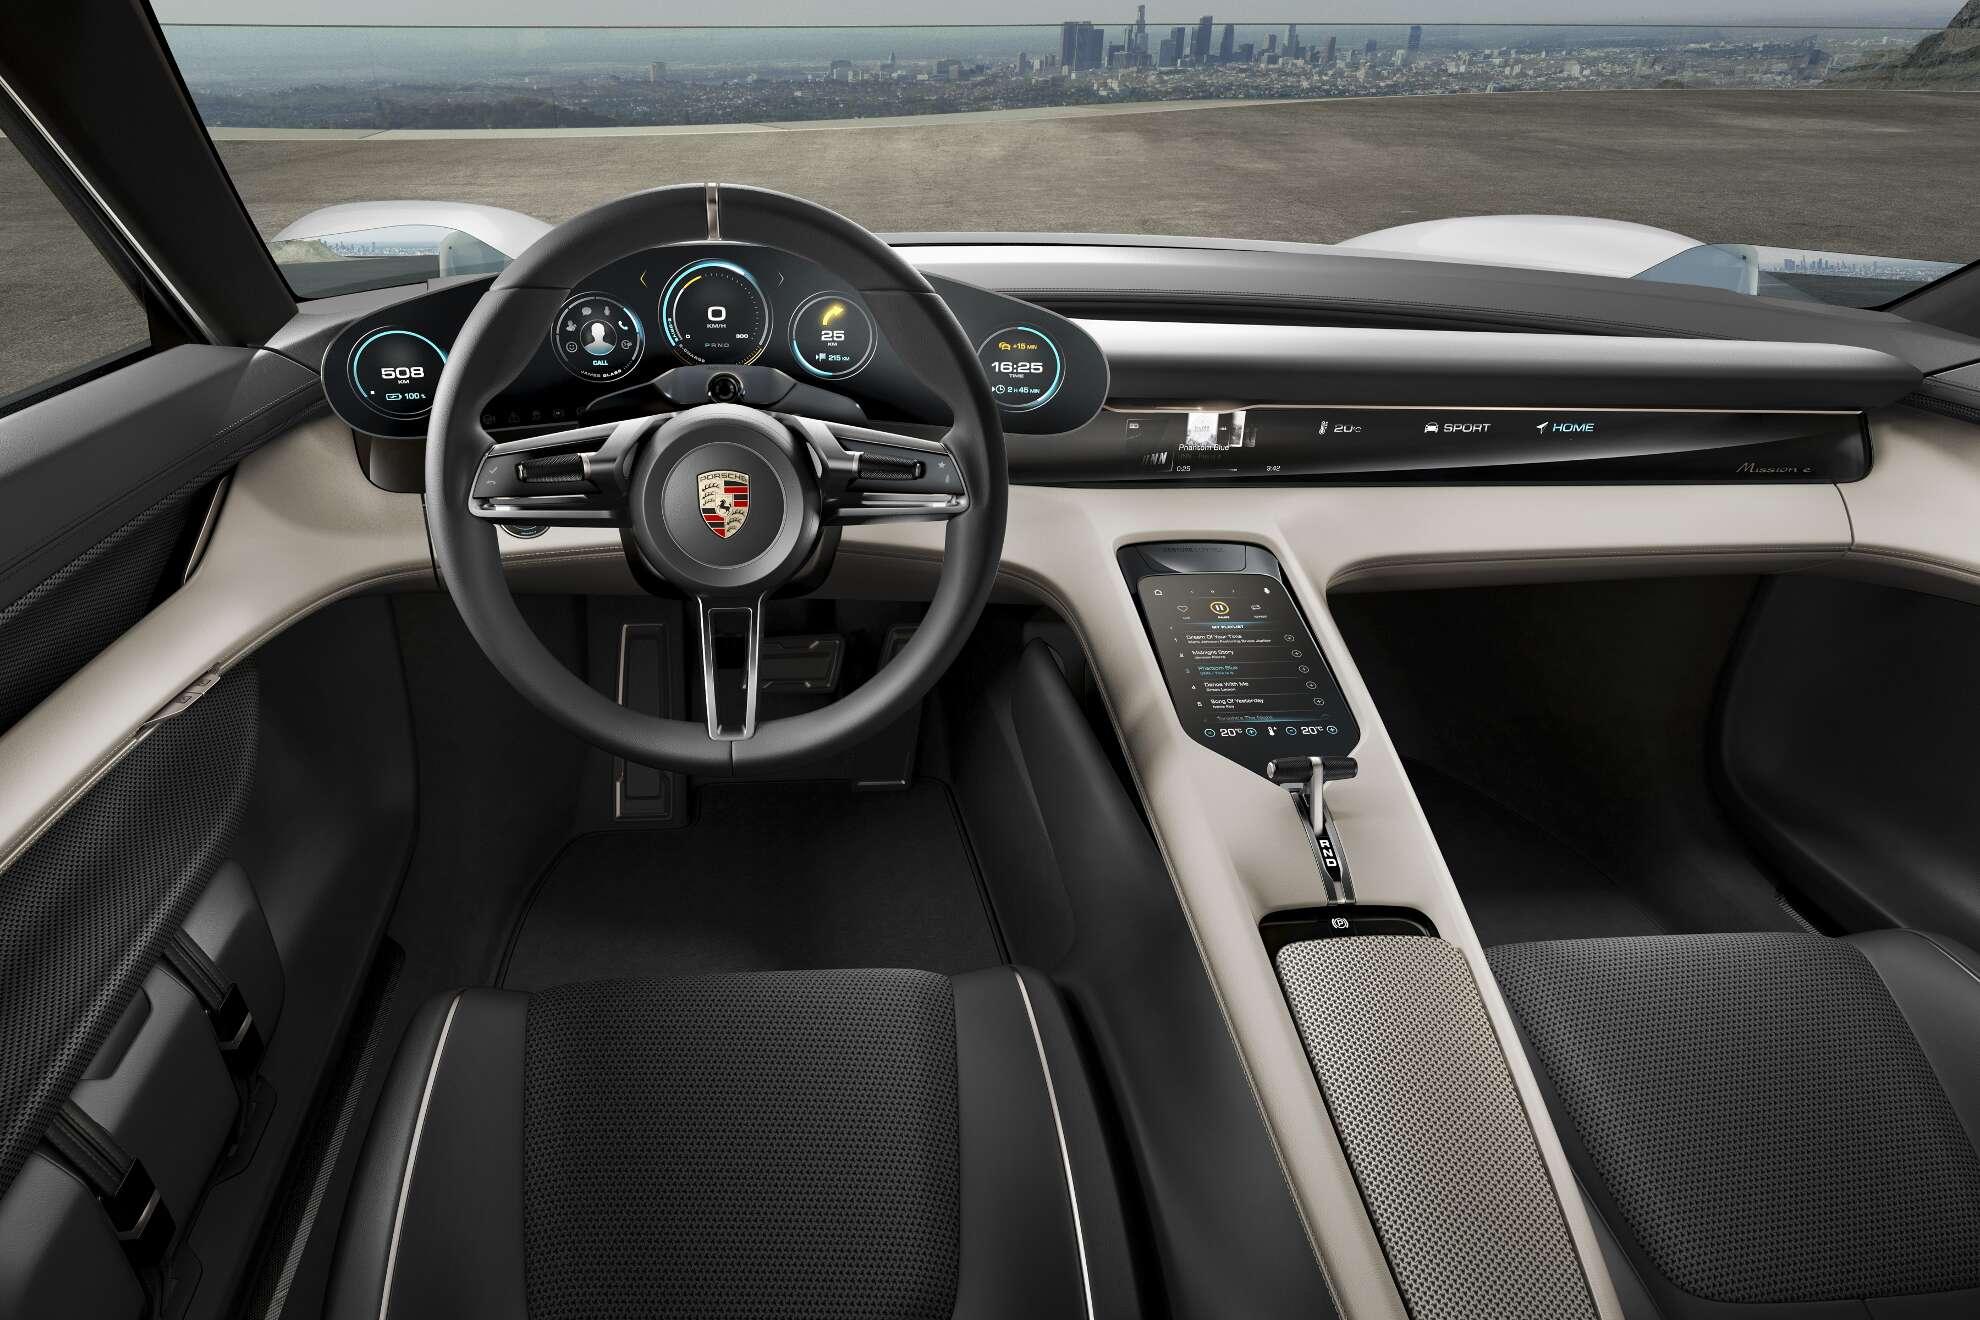 Porsche Mission E Interieur Cockpit